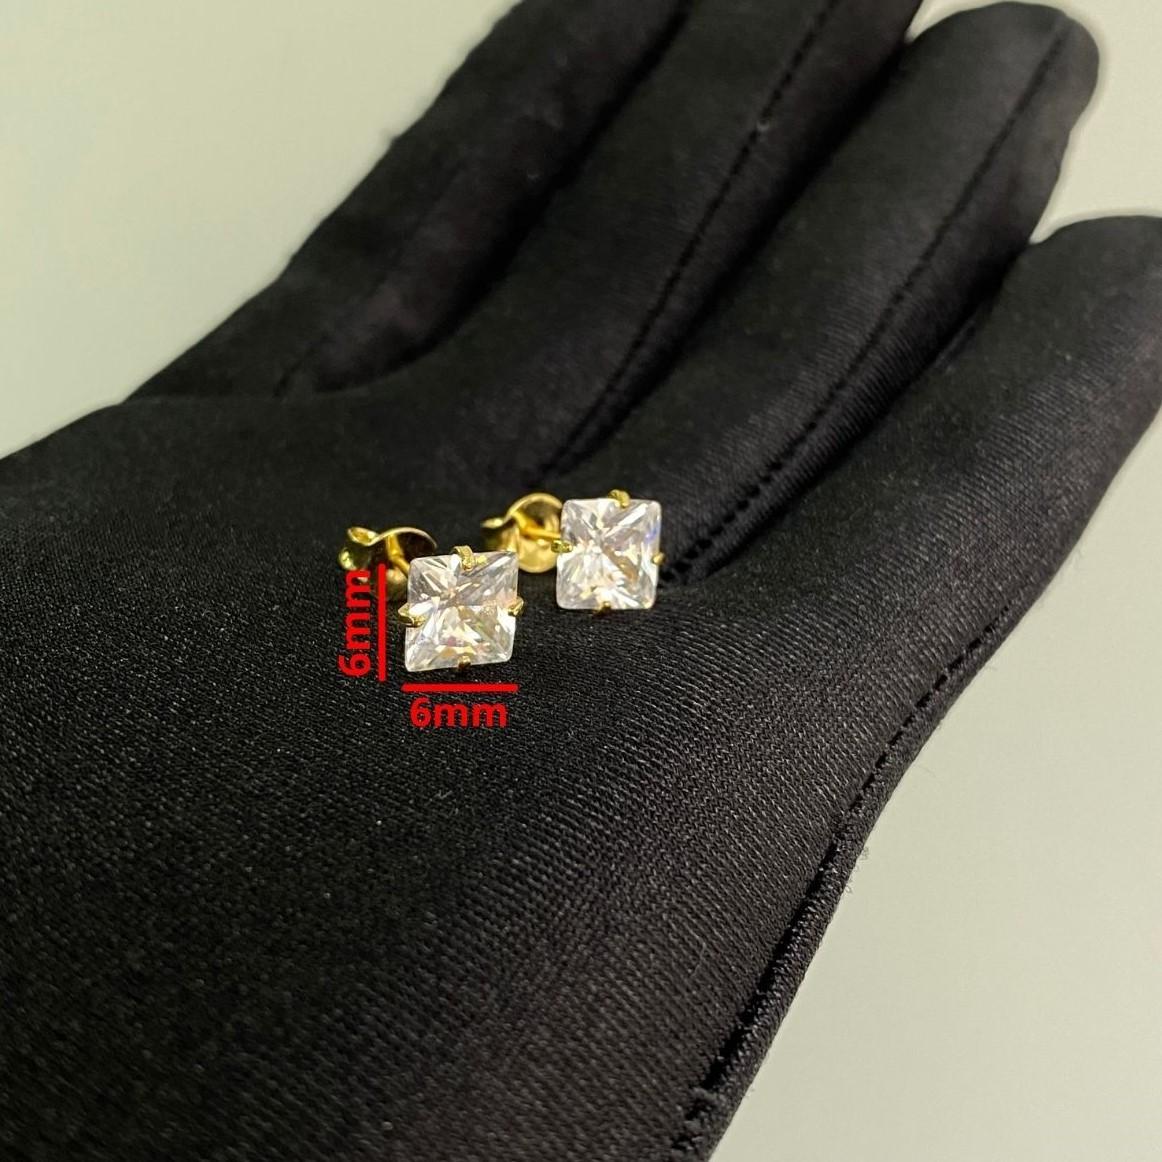 Brinco Pedra de Zircônia Quadrado (6mmX6mm) (Banho Ouro 24k)